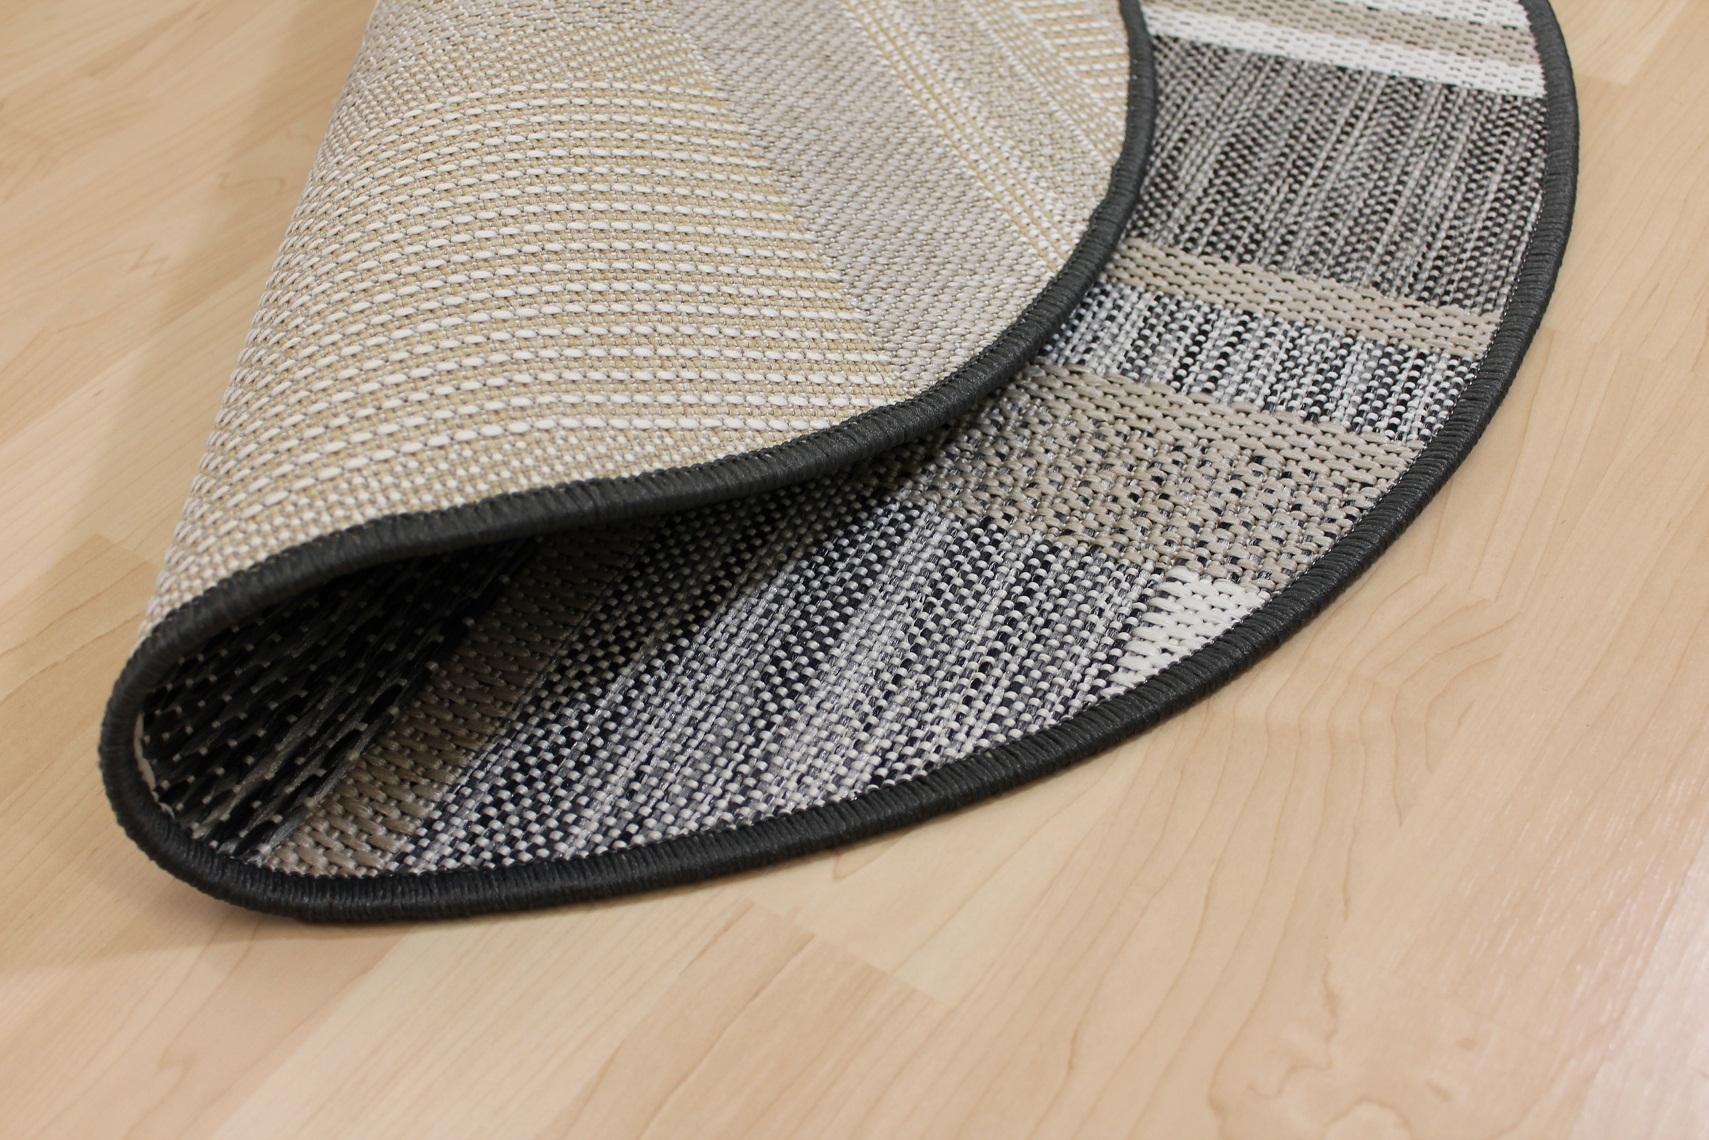 willkommen bei teppichkiste sisal optik teppich naturino. Black Bedroom Furniture Sets. Home Design Ideas